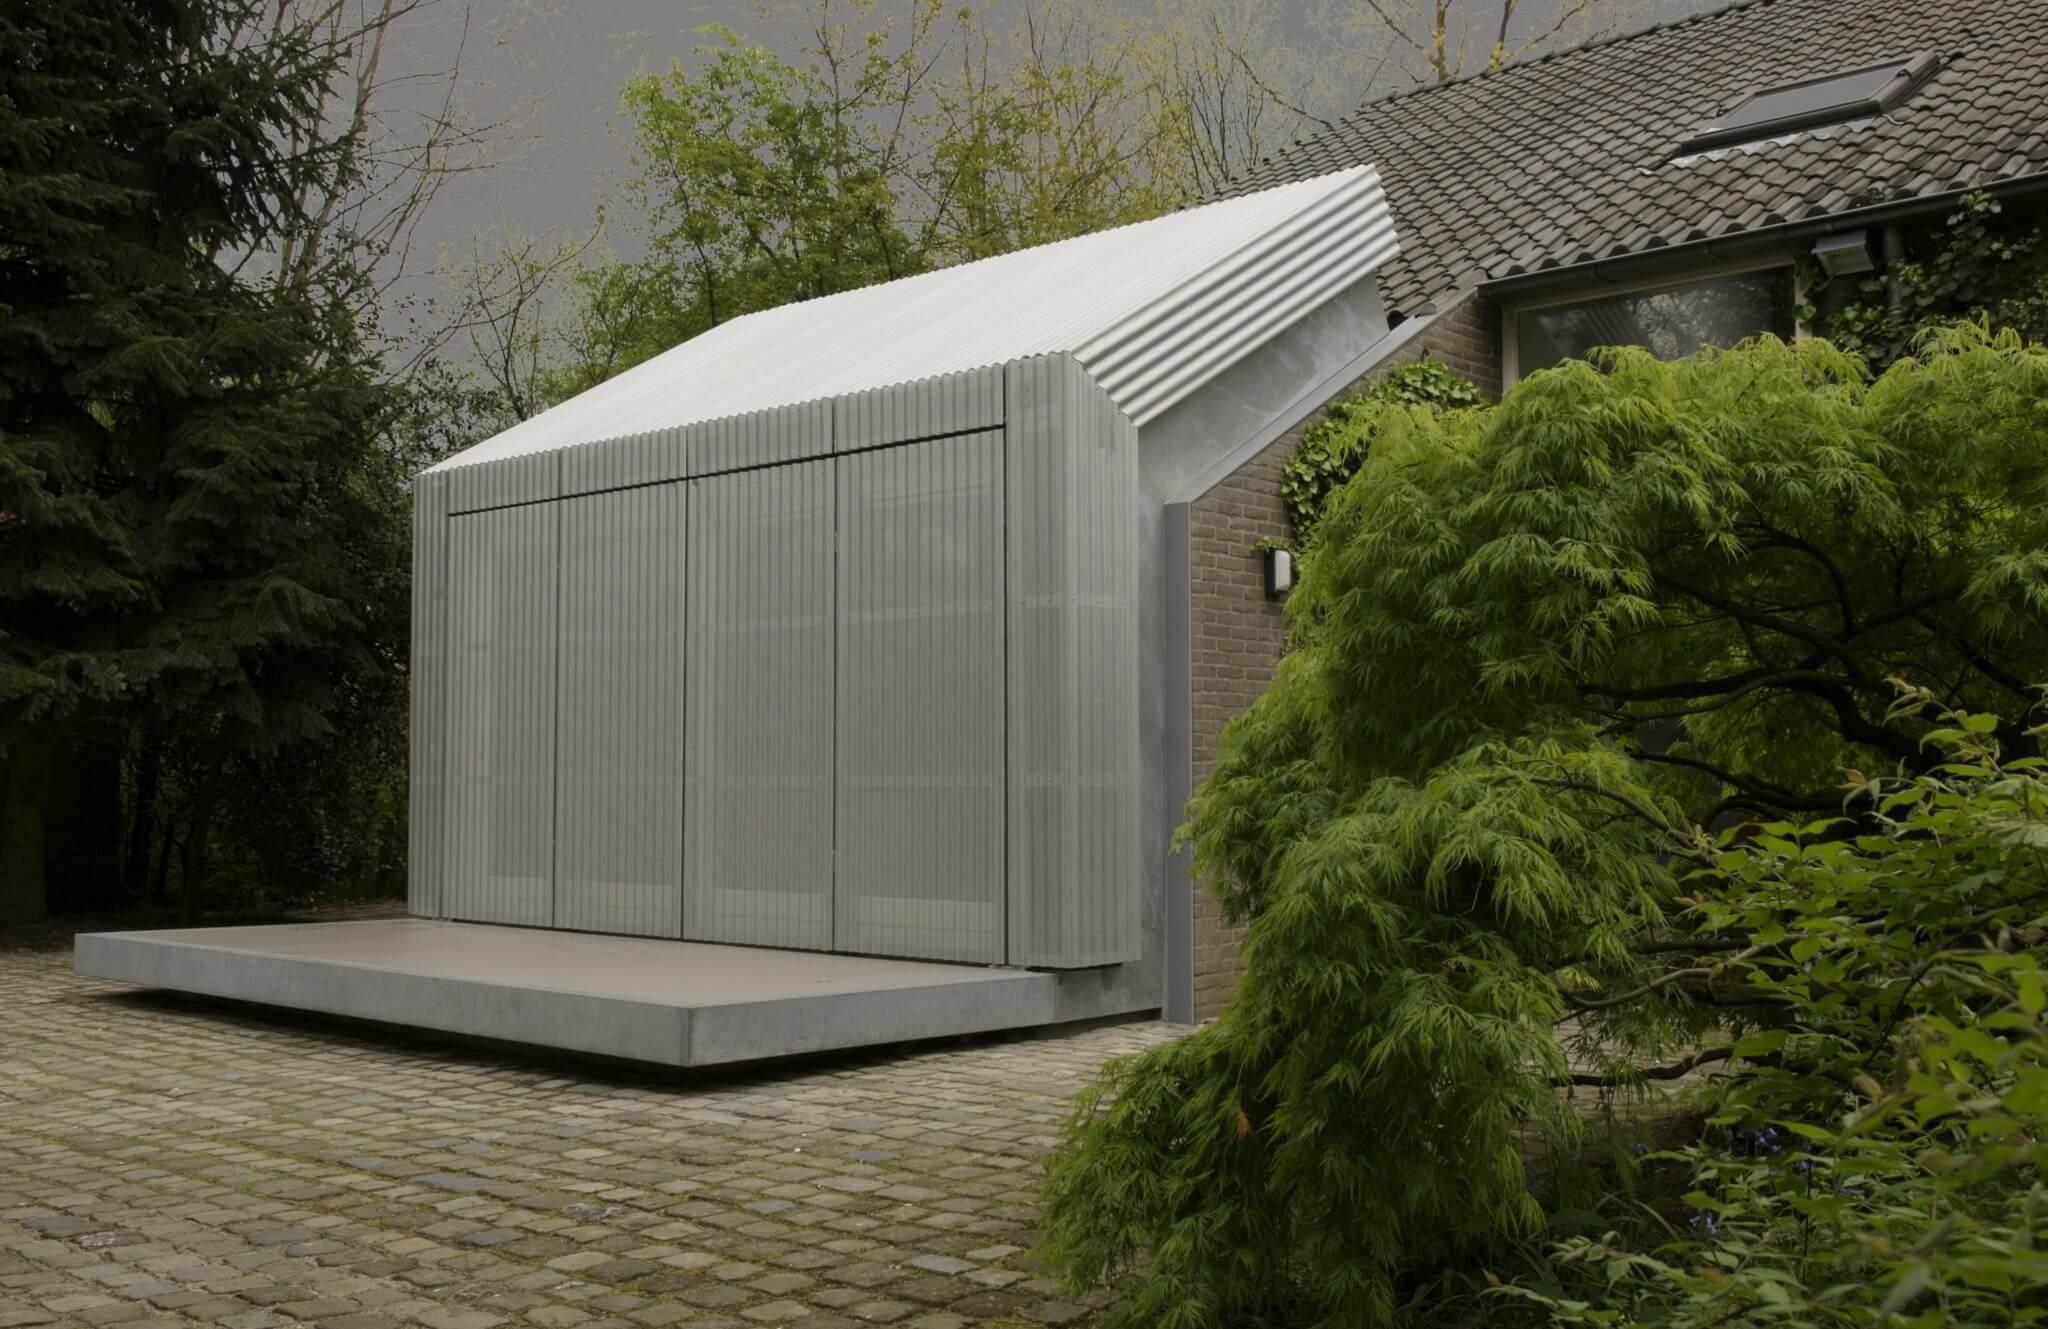 Eindhoven monument milla Philipsdirecteur transformatie herbestemming aluminium gevel perfo gevel